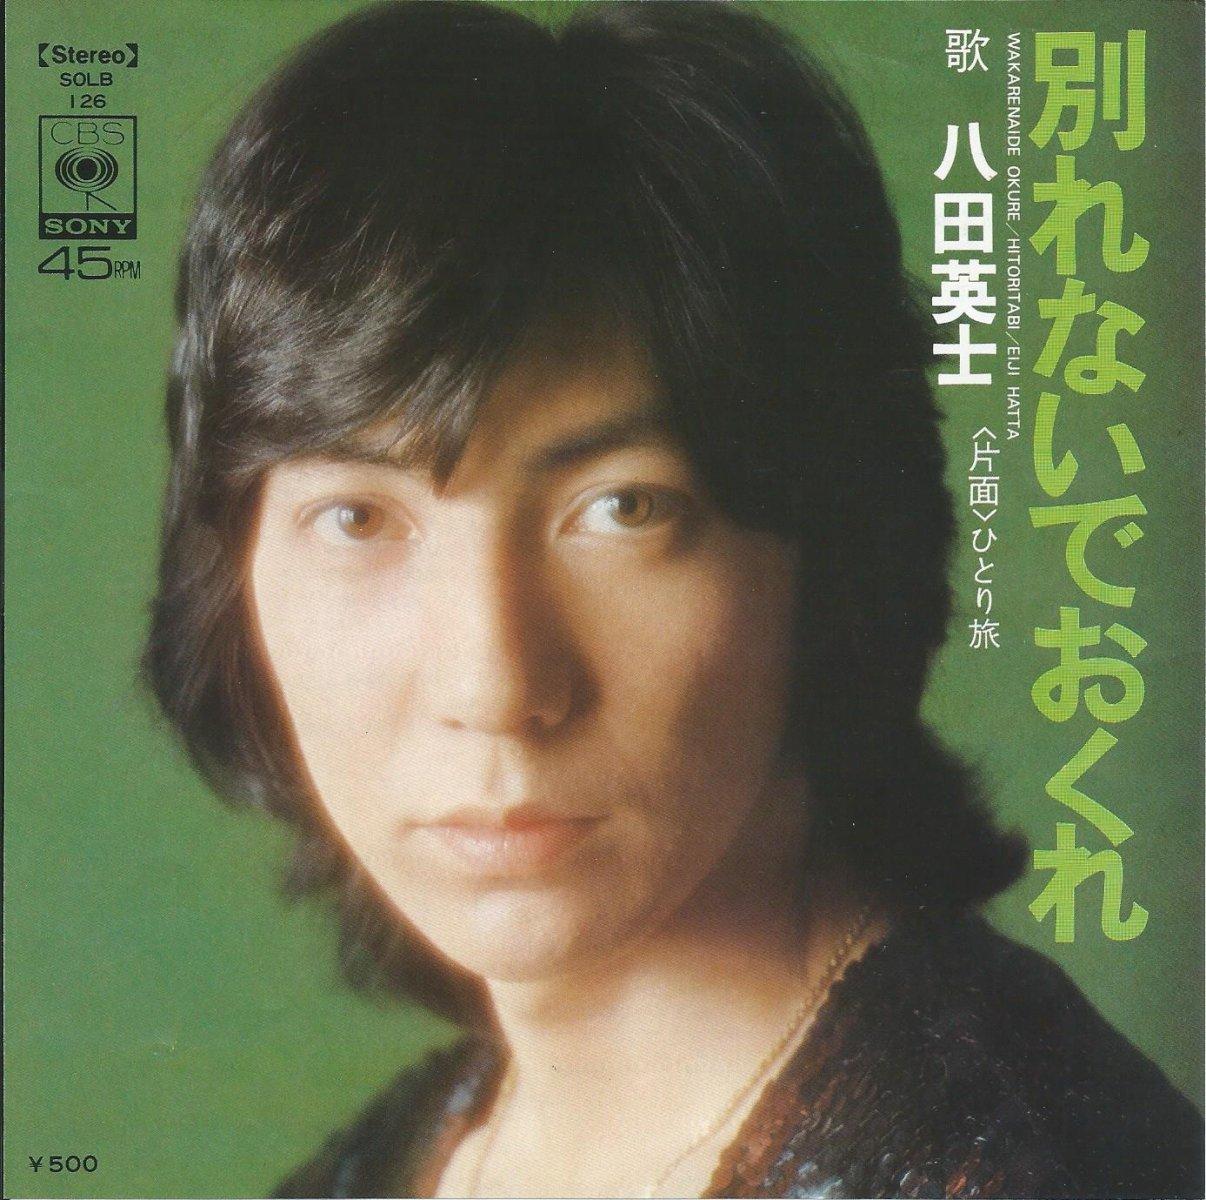 八田英士 EIJI HATTA / 別れないでおくれ / ひとり旅 (7